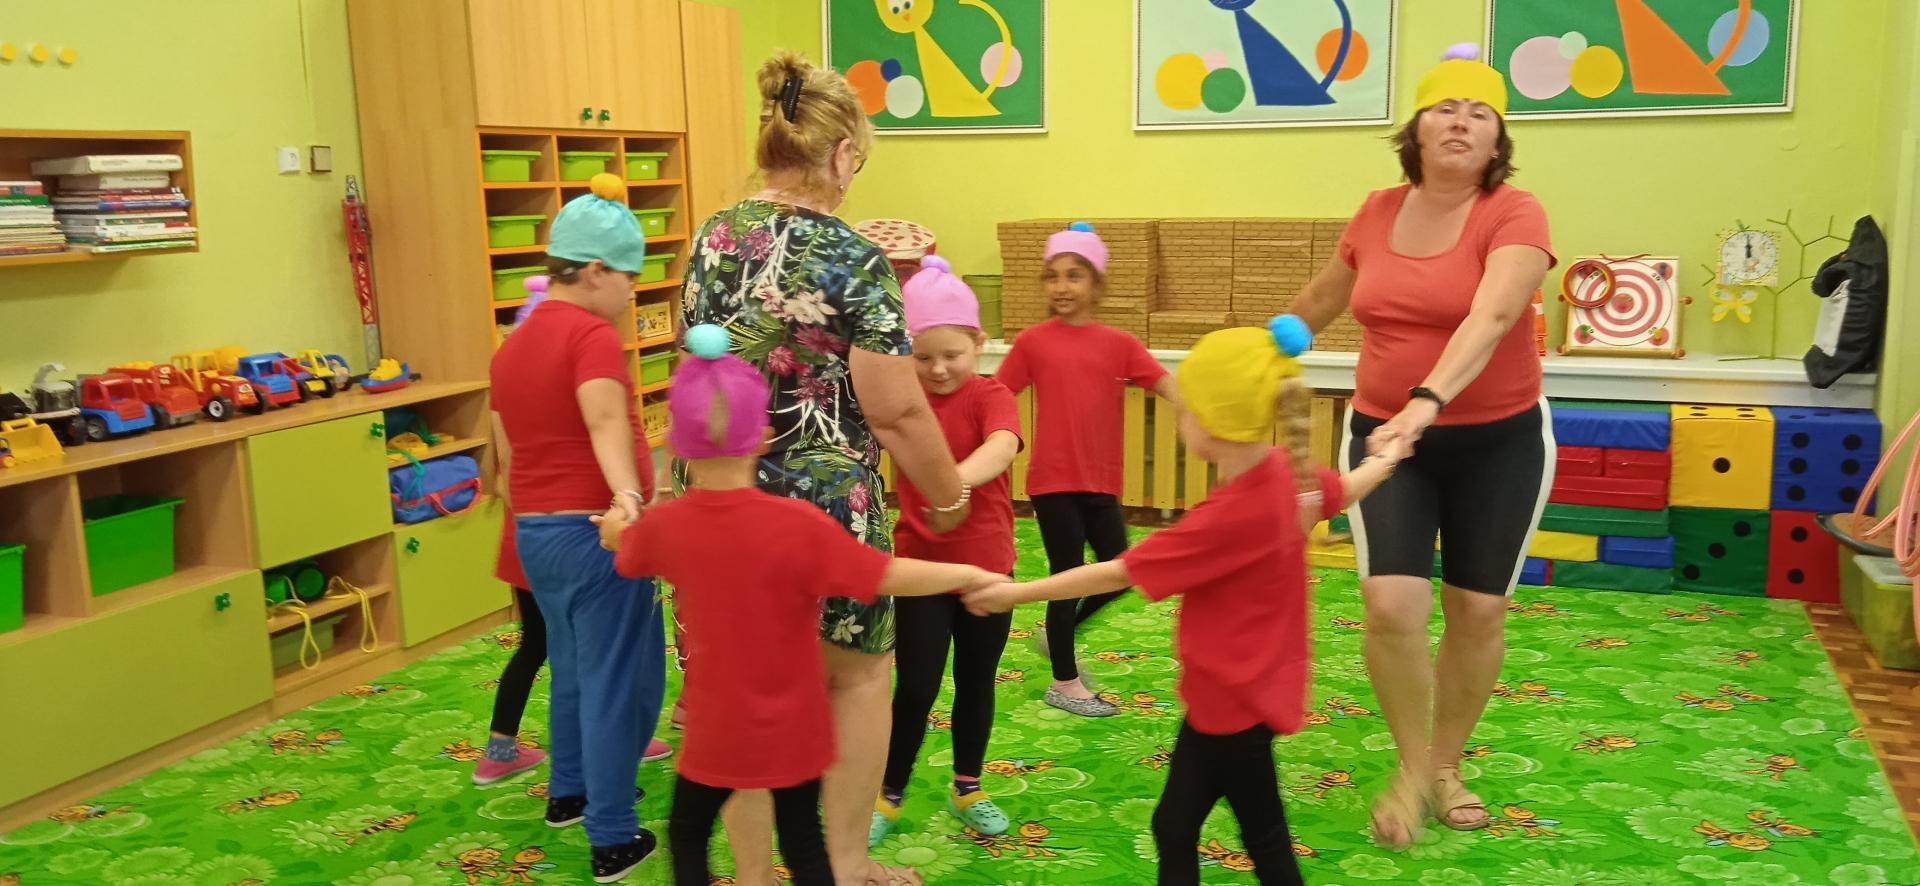 Tanec předškoláků 1